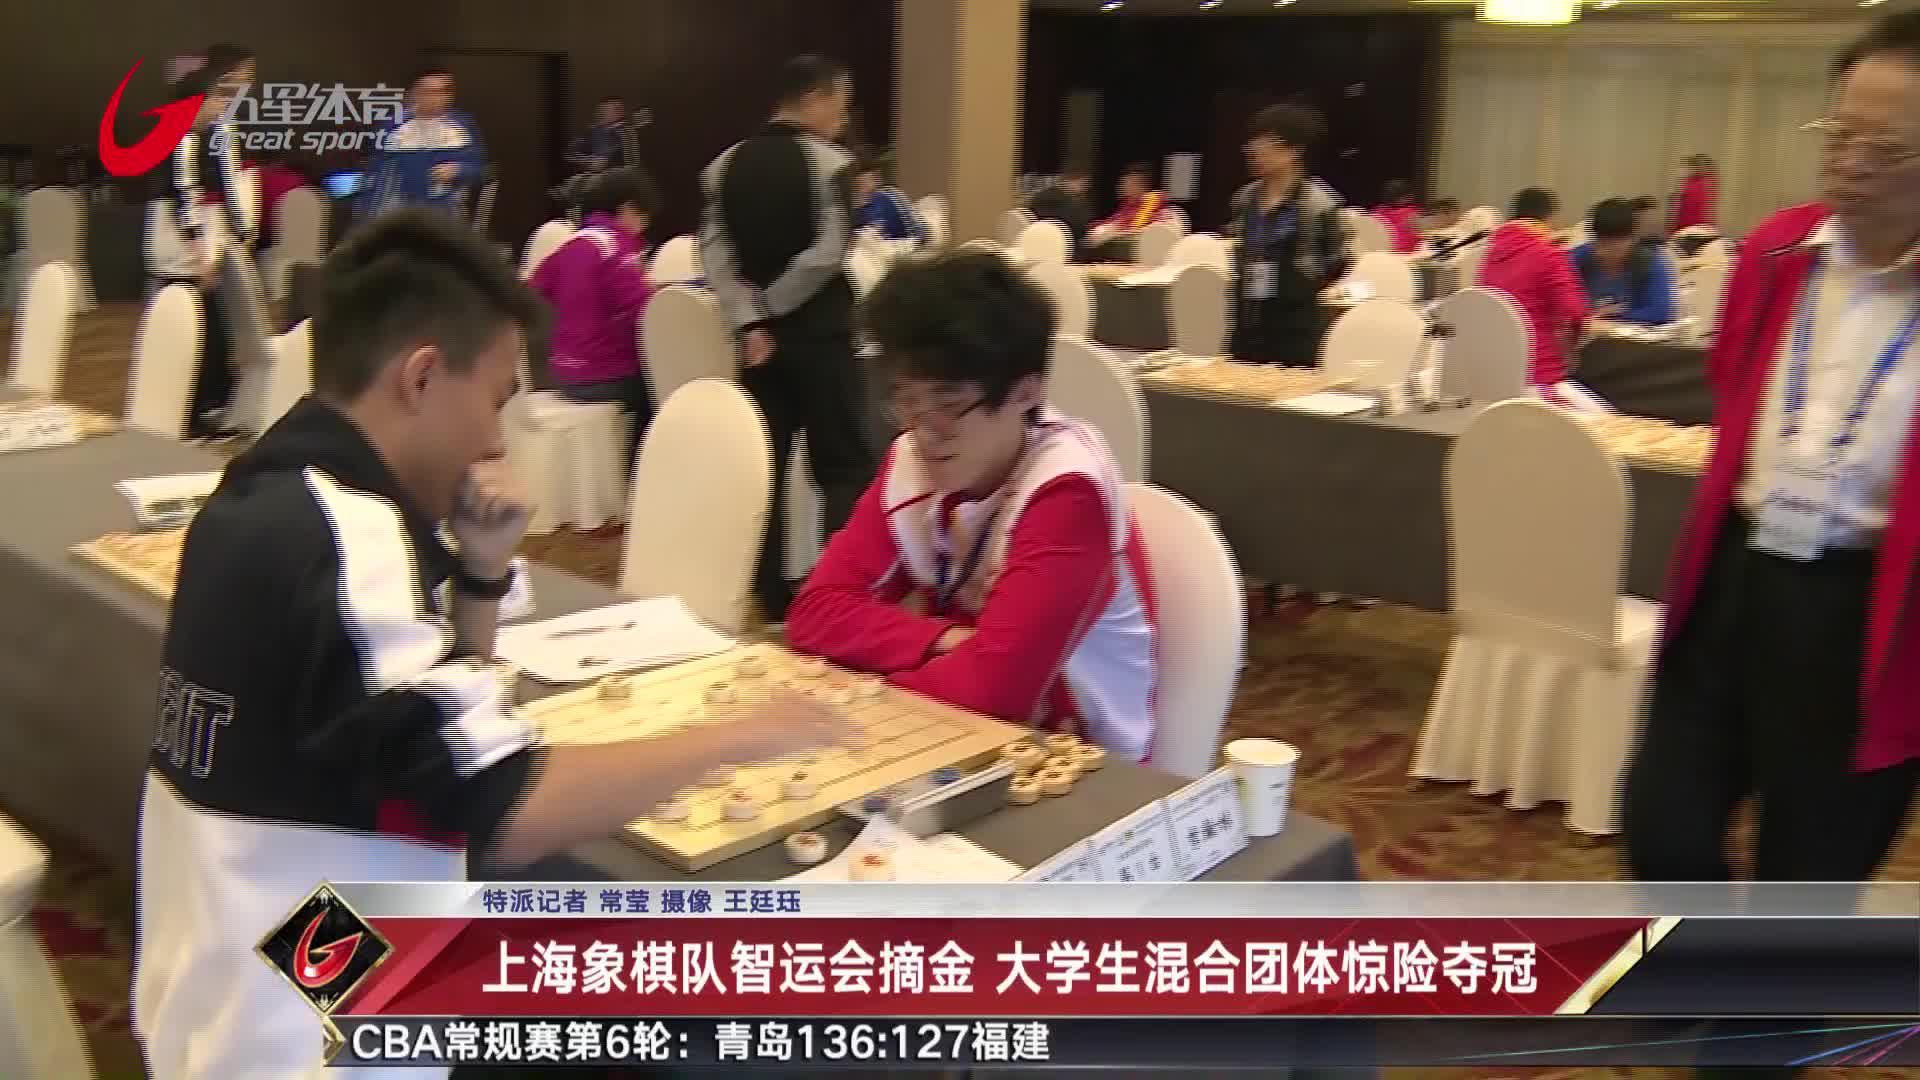 视频-上海象棋队智运会摘金 大学生混合团体惊险夺冠